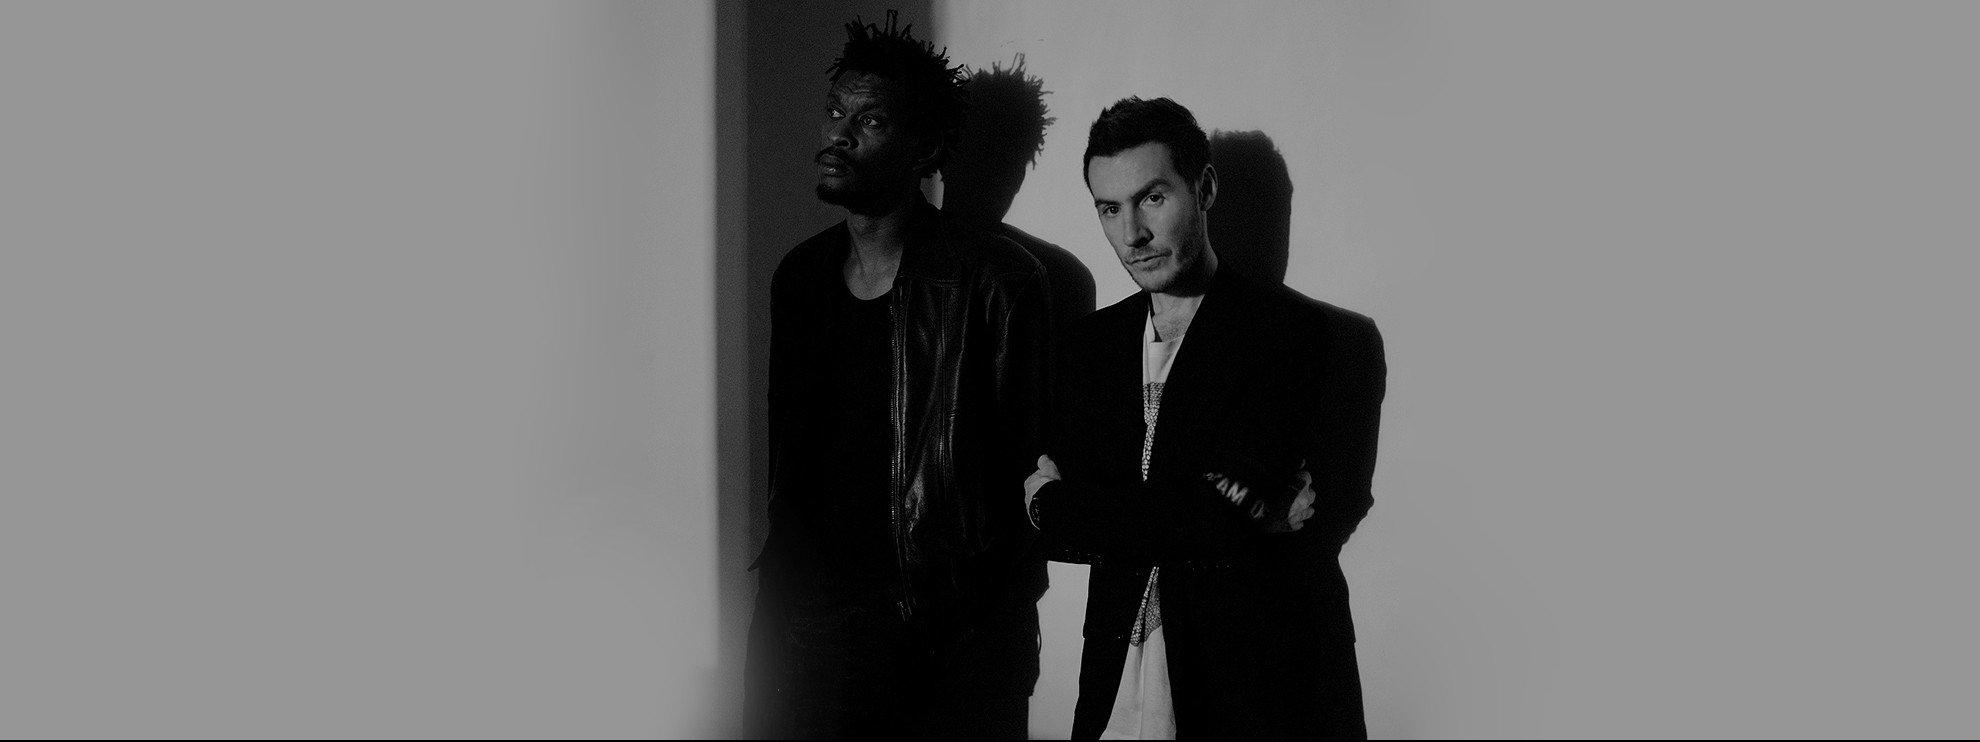 исполнитель Massive Attack (Массив Аттак)